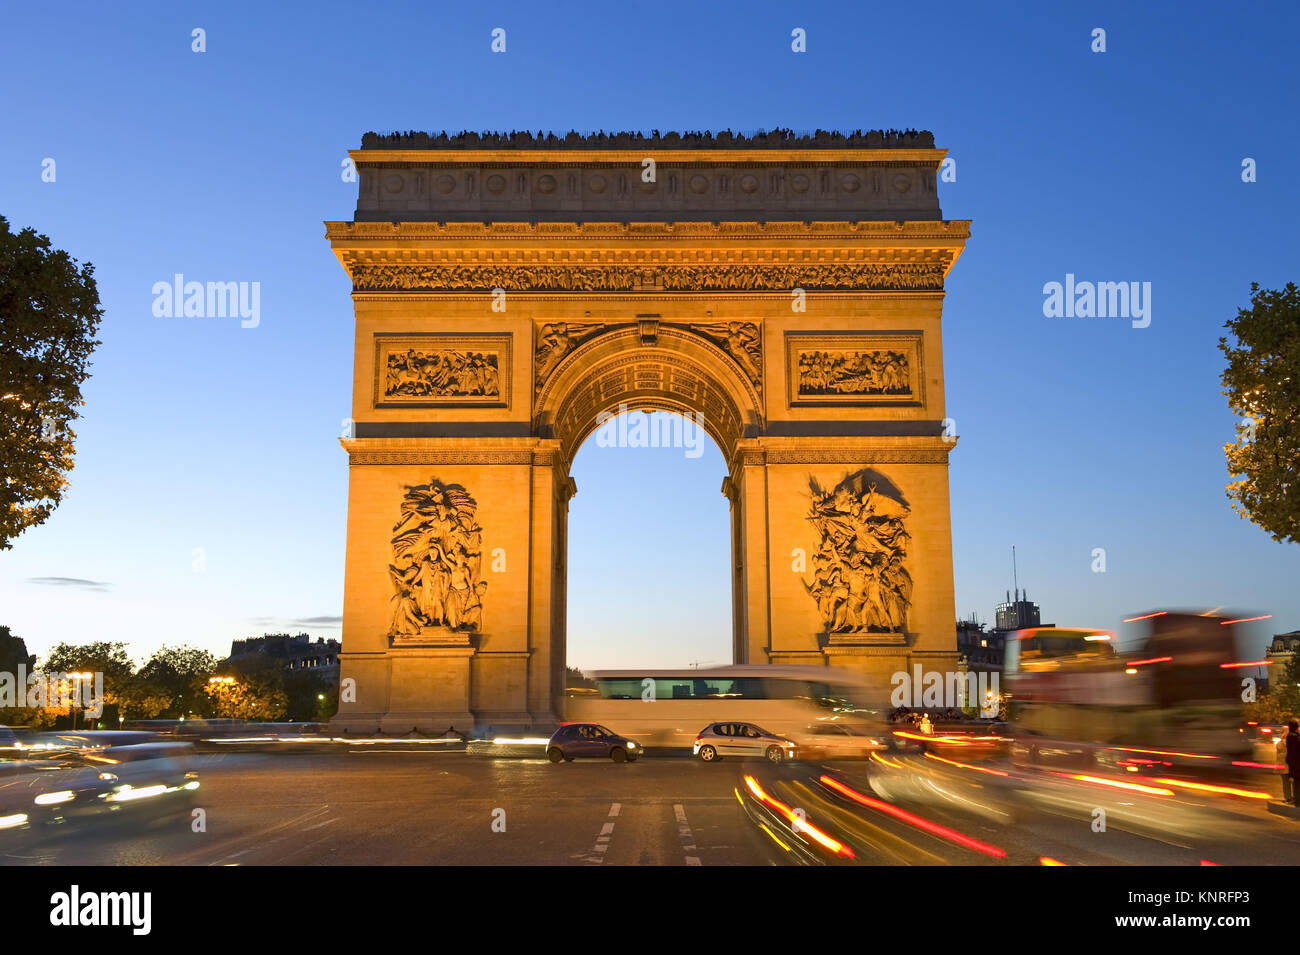 Beleuchteter Arc de Triomphe, Paris, Frankreich Stockbild